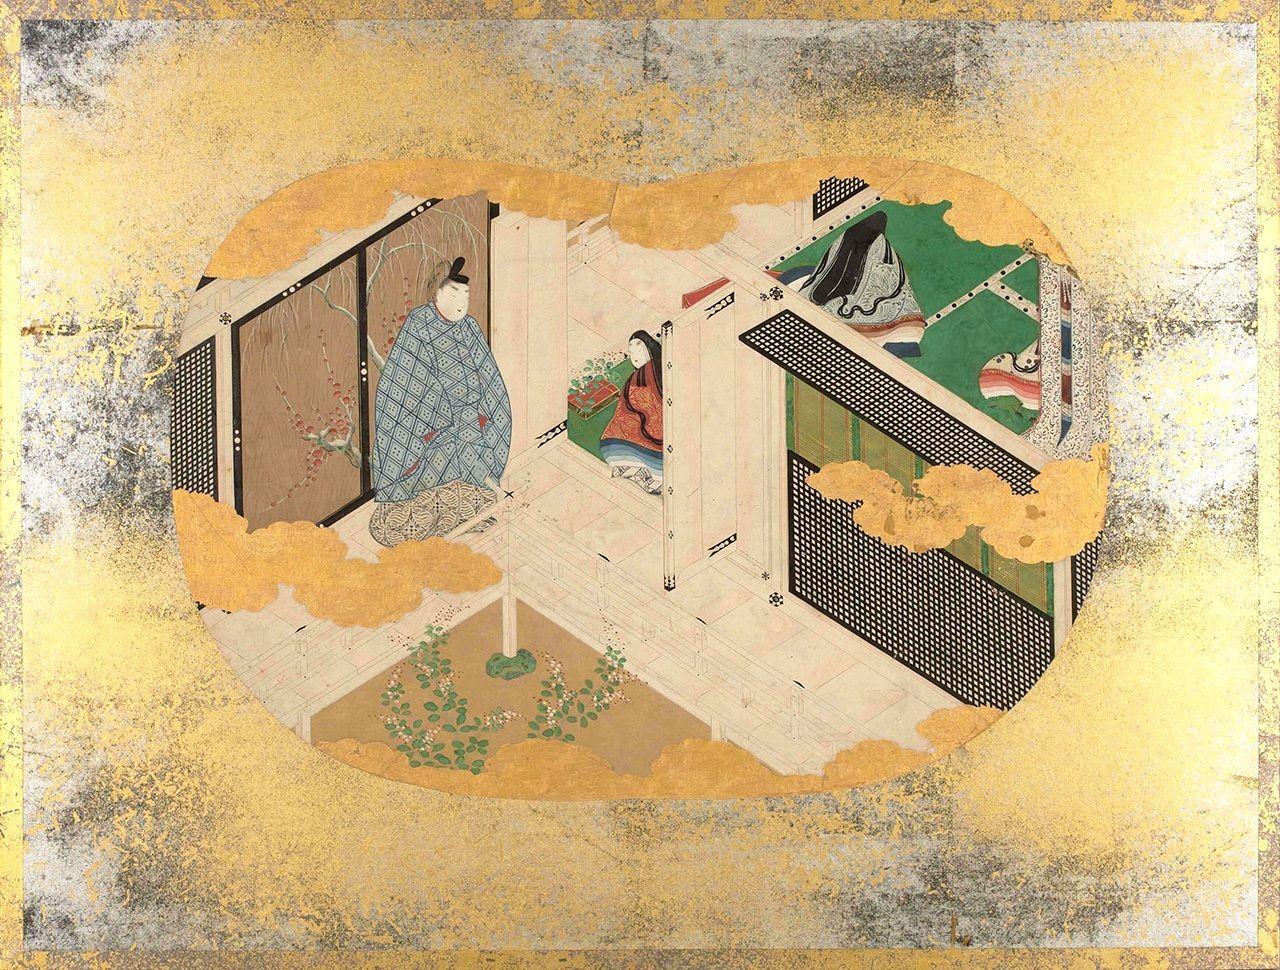 Картины в форме веера по Повести о Гэндзи», Глава «Кагэро» (Гэндзи моногатари утива гадзё, Хранилище материалов о японской литературе). Разлучённый с любимой Каору (сын Гэндзи) проходит через комнату, где собрались придворные дамы, любуется полевыми цветами и ведёт остроумный разговор с одной из дам